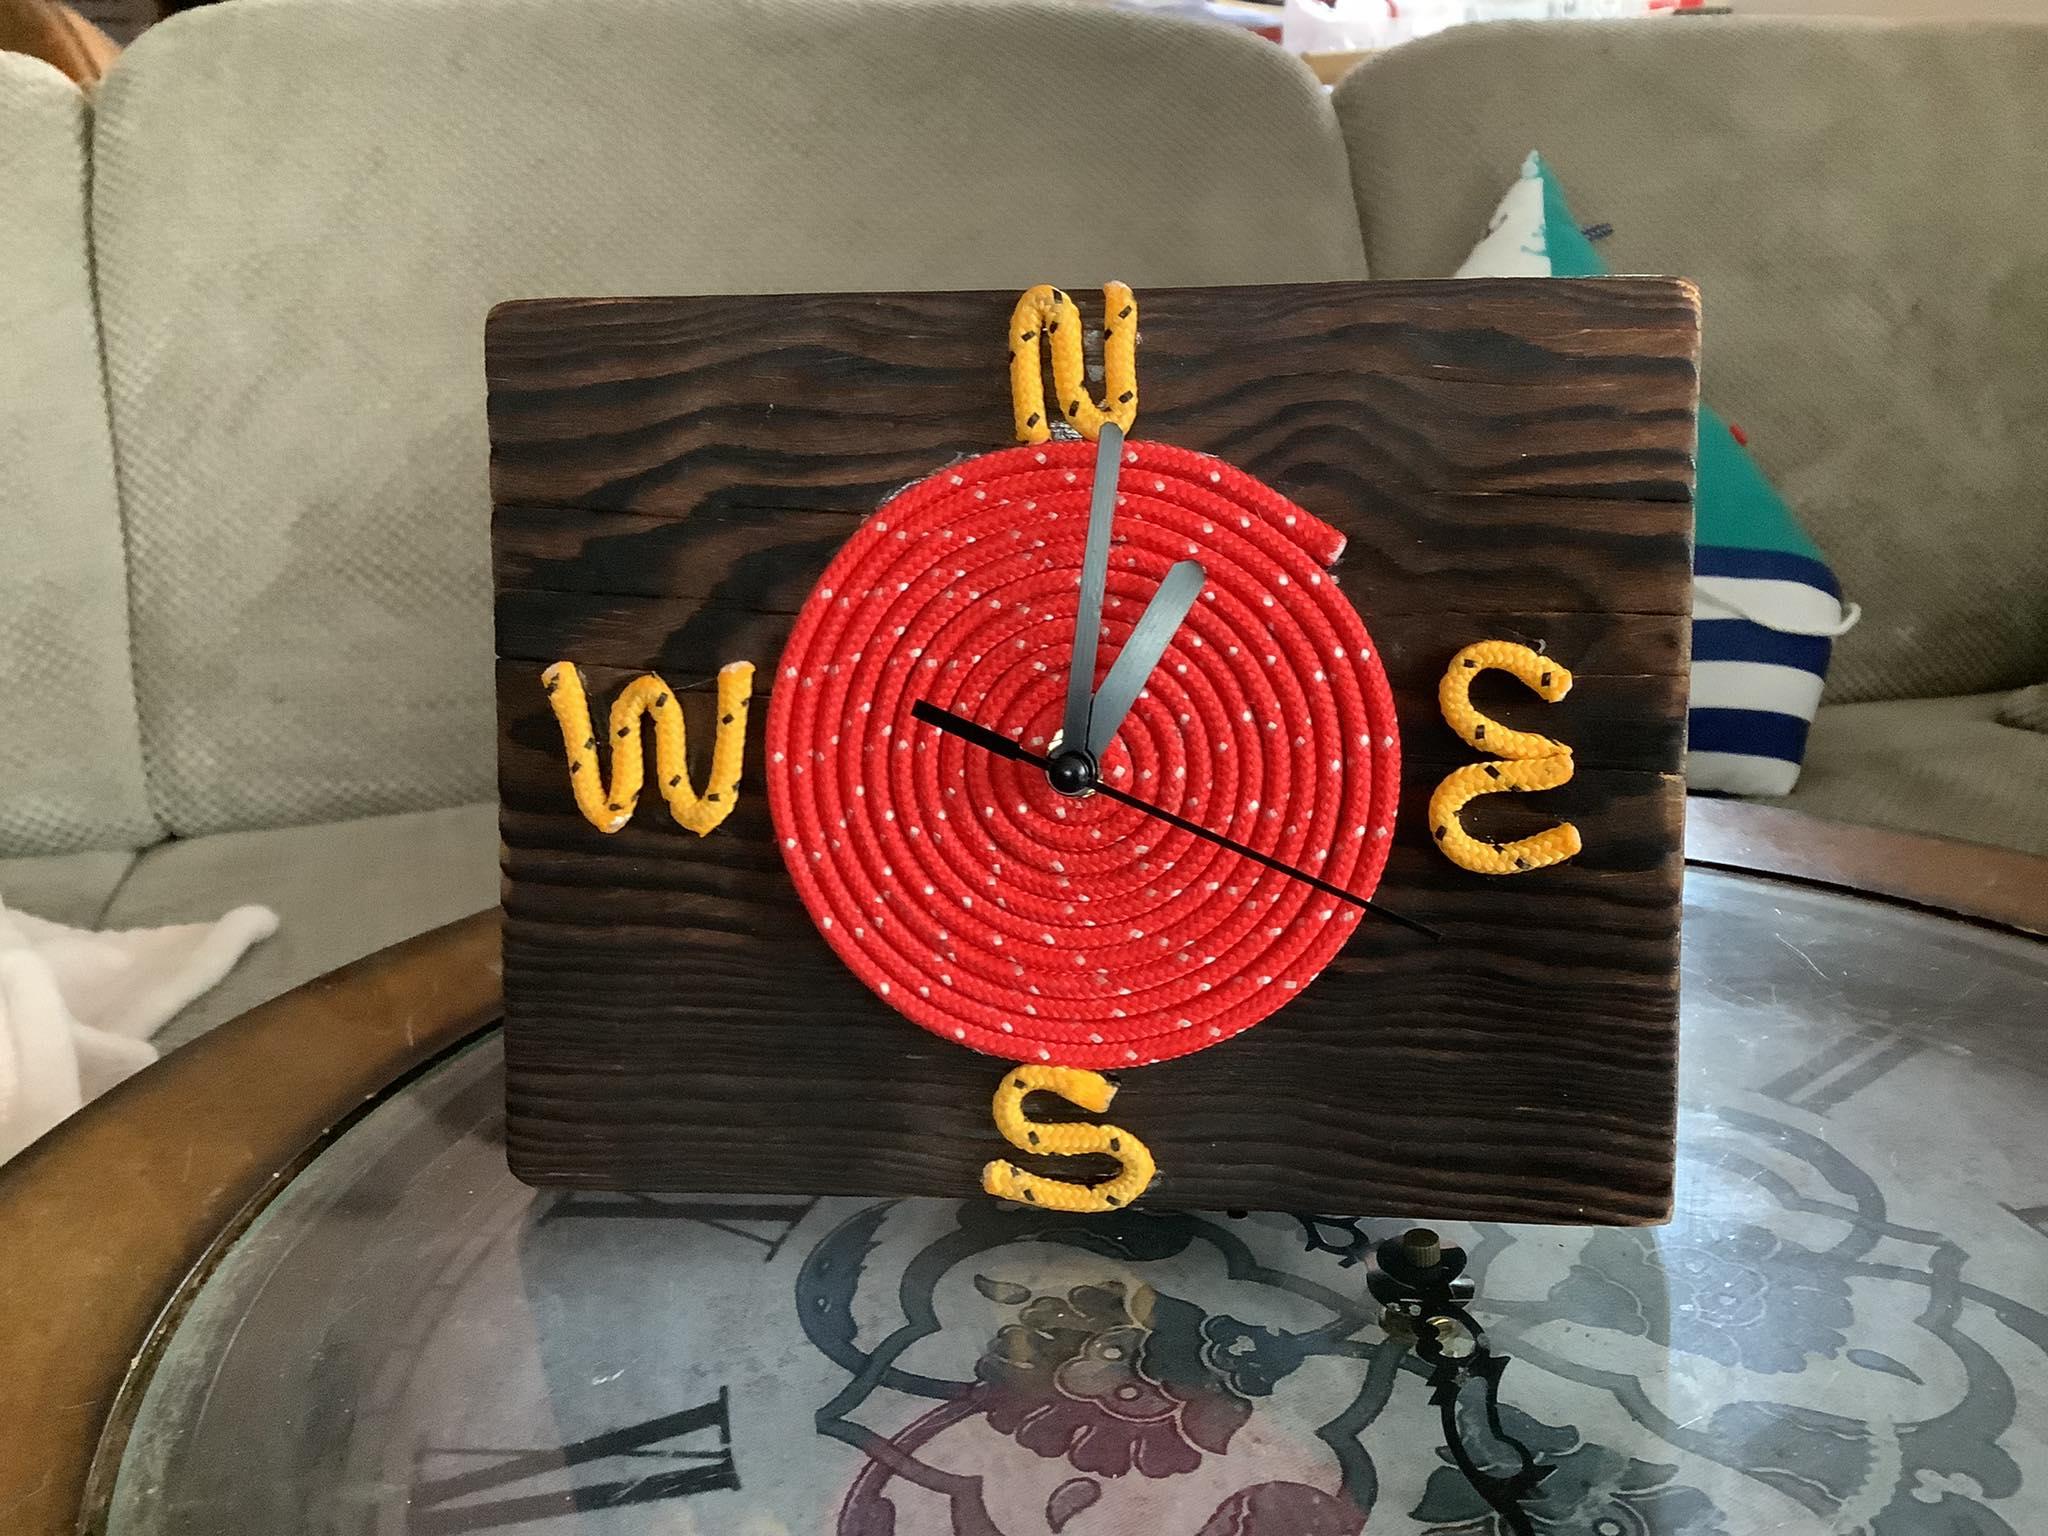 Zegar marynistyczny, dekoracje marynistyczne, dekoracje morskie